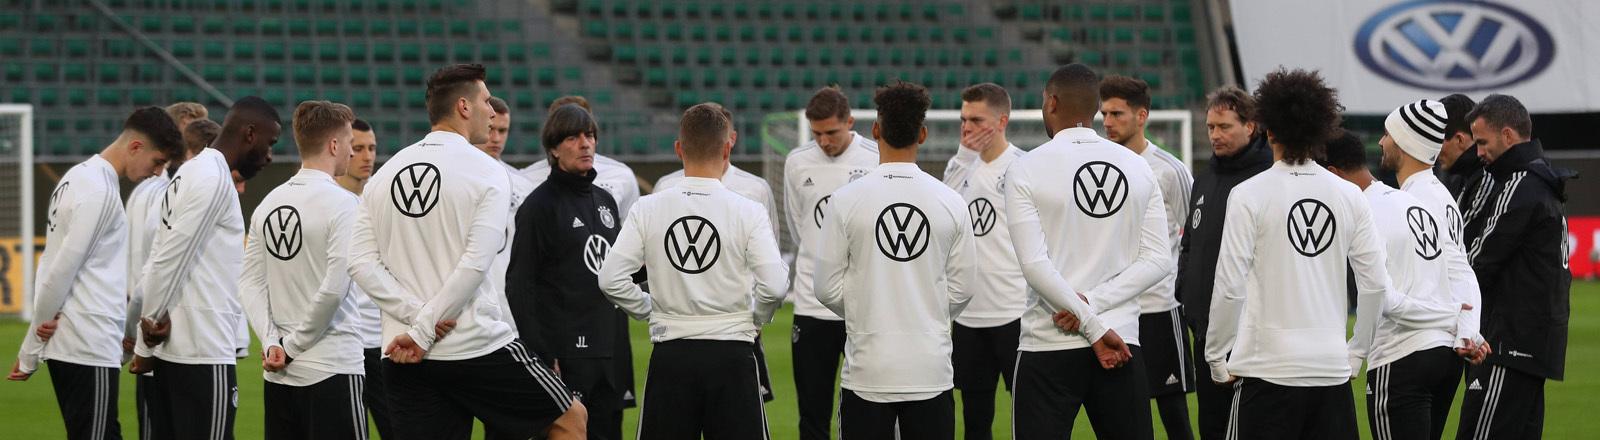 Deutsche Fußballnationalmannschaft beim Training in Wolfsburg.